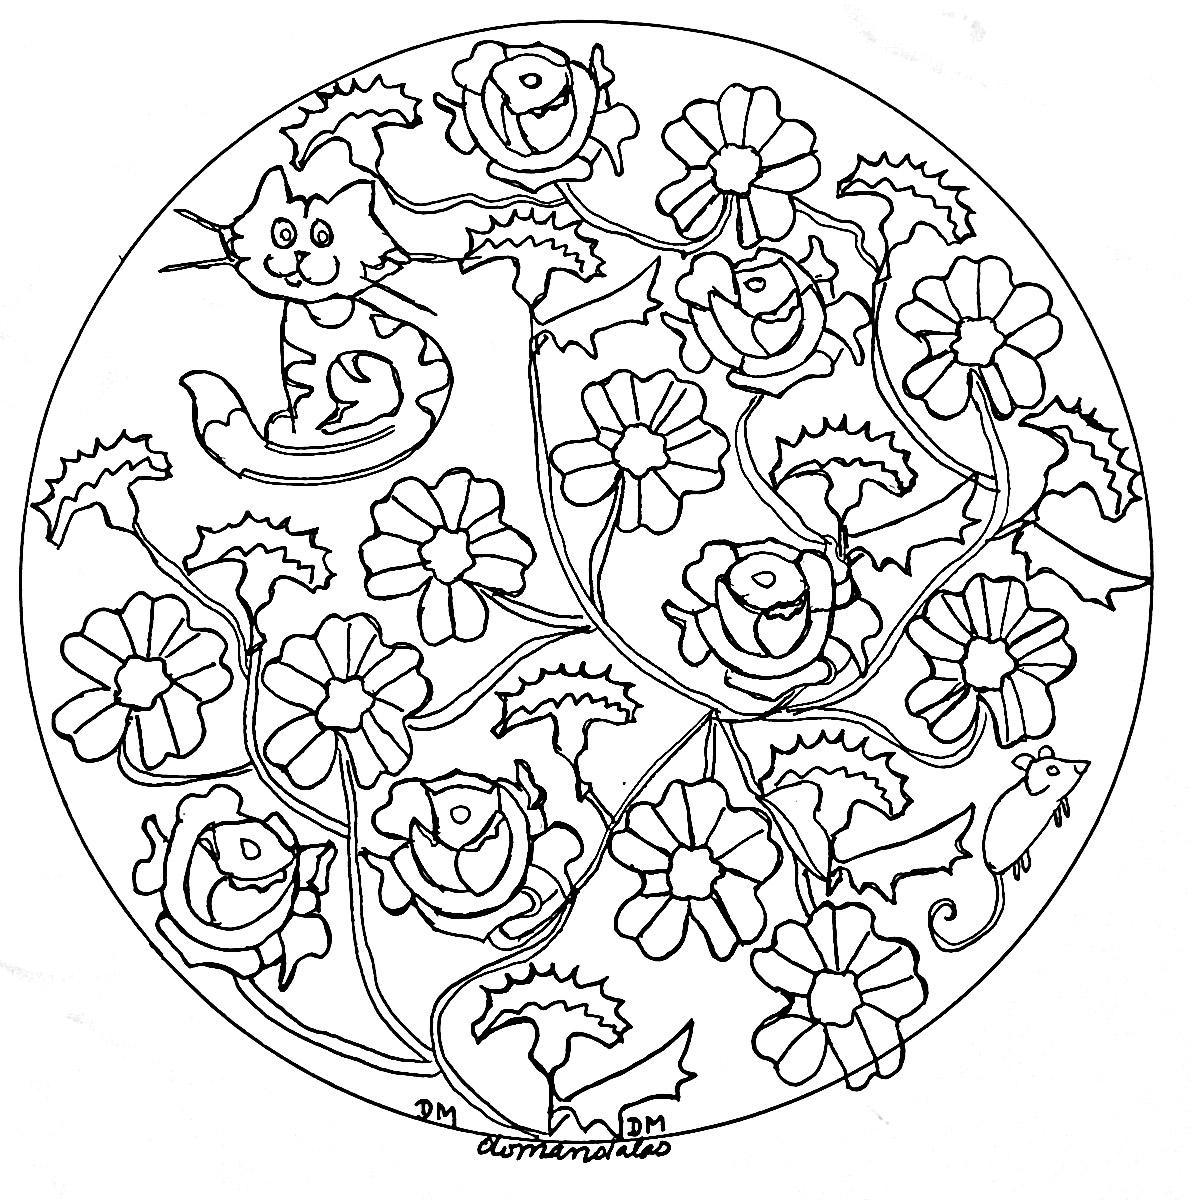 Mandalas 83968 - Mandalas - Colorear para Adultos